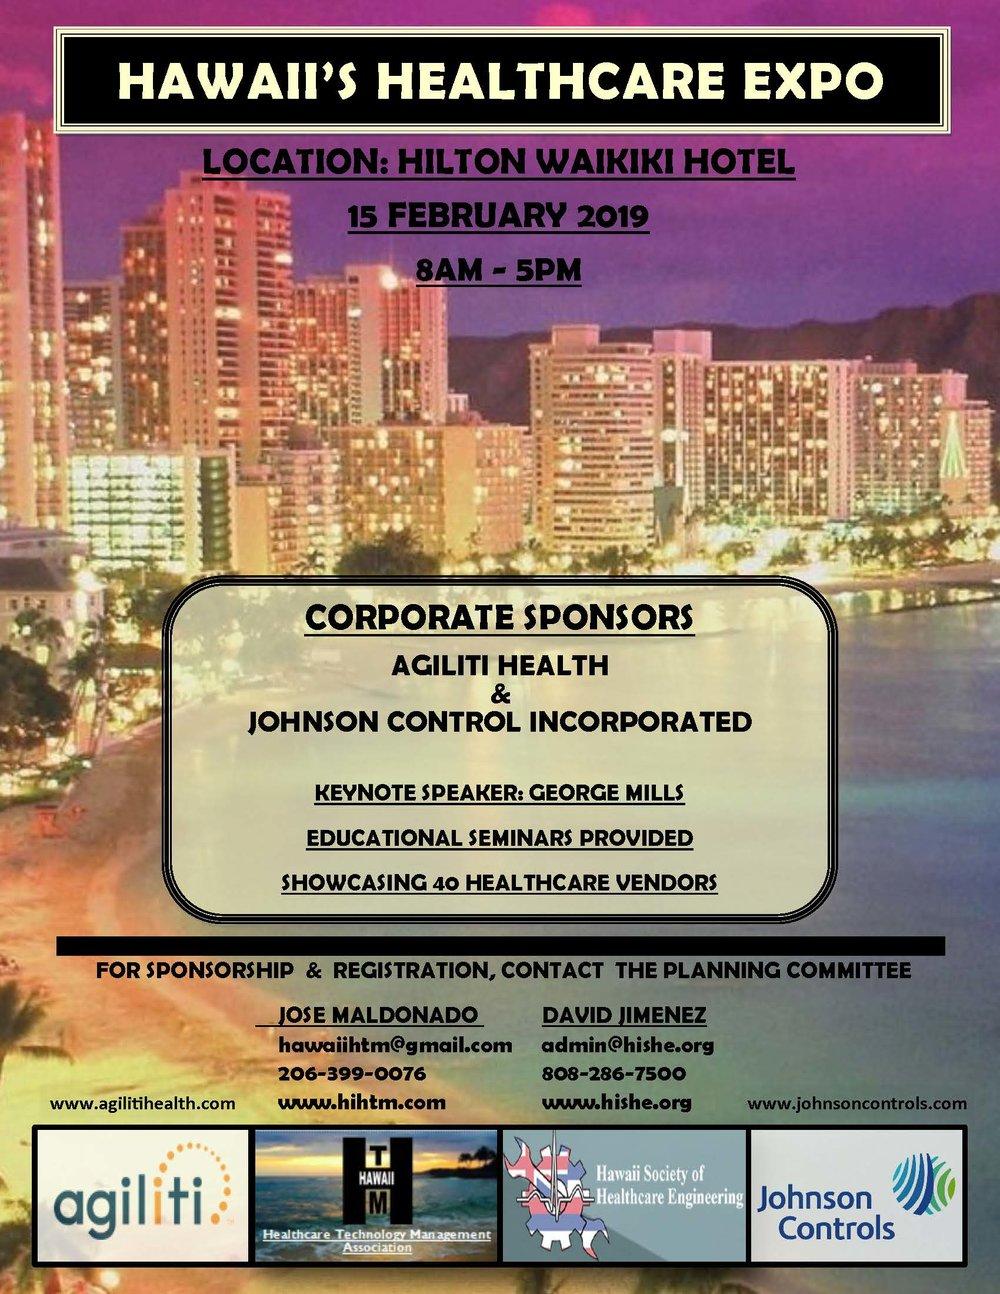 HAWAII HEALTHCARE EXPO FLYER FEB2019.jpg